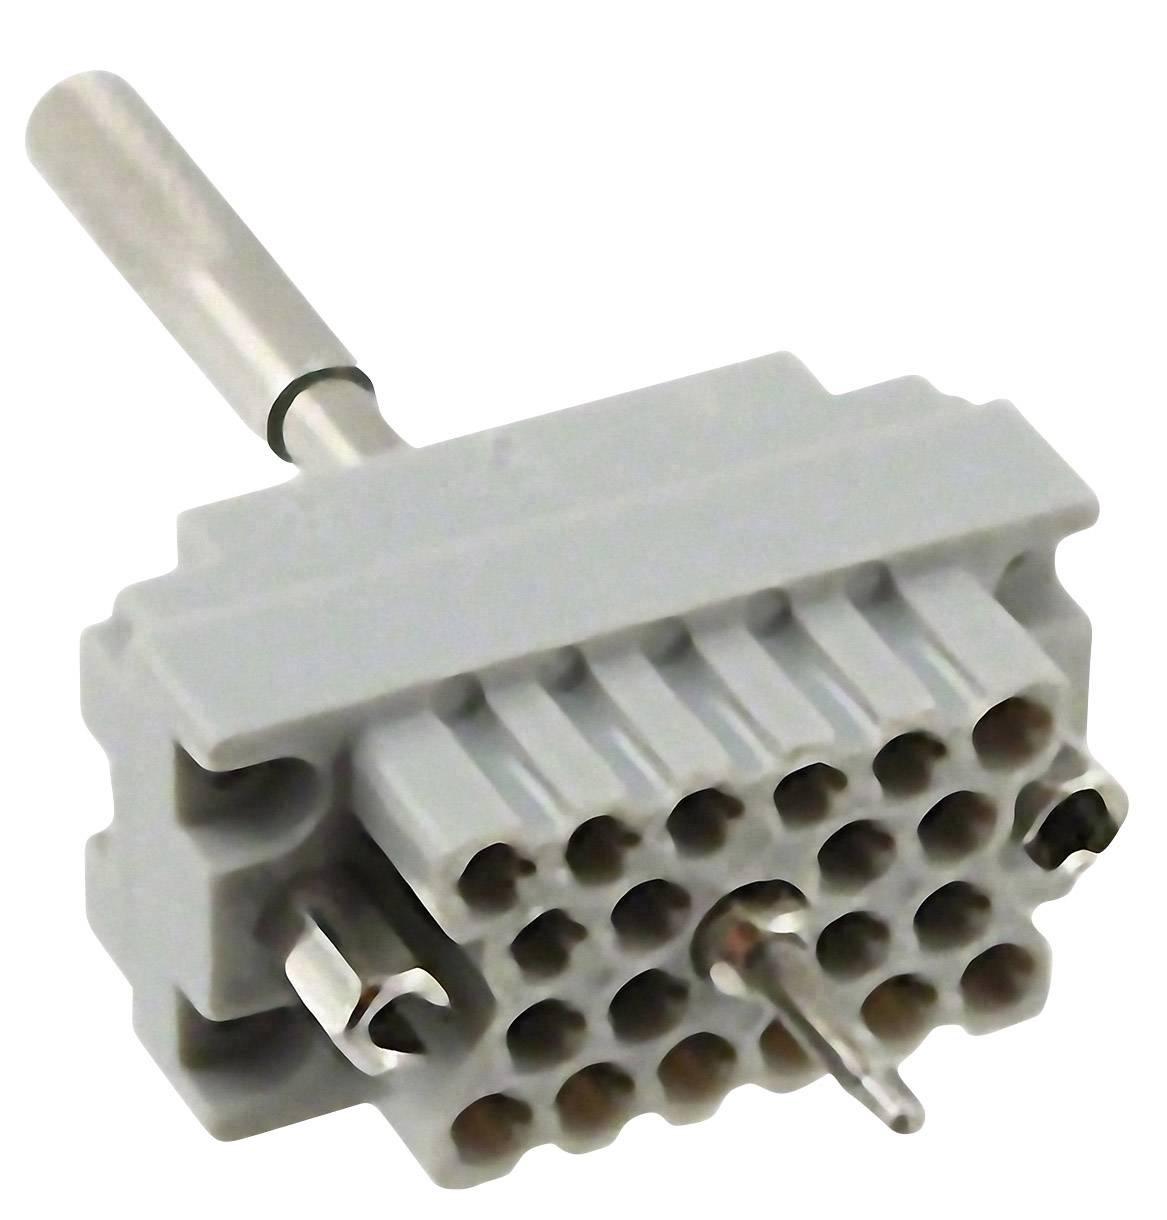 Konektorová vložka, zásuvka EDAC 516-020-000-402, počet kontaktů 20, 1 ks